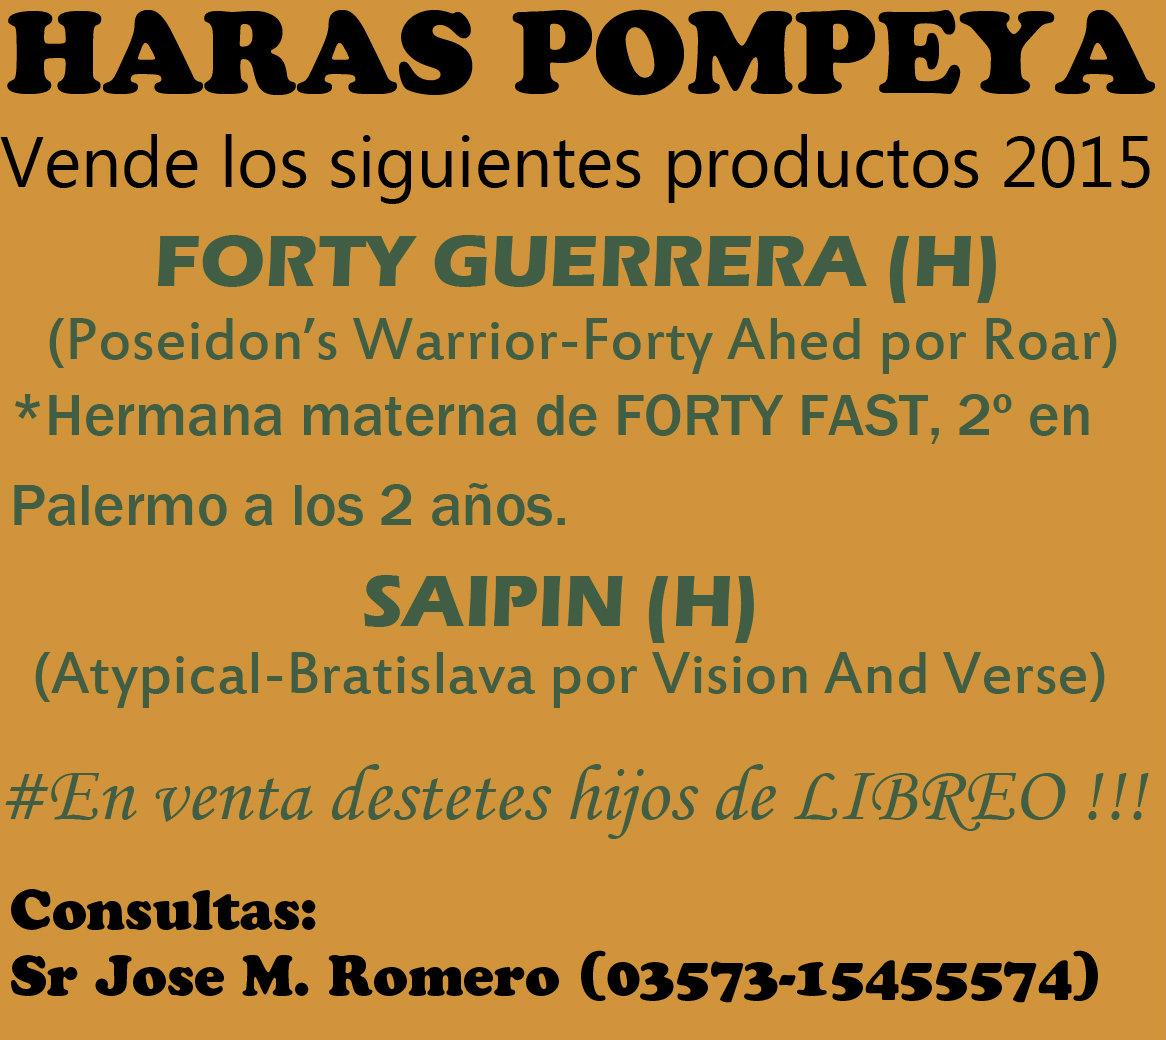 HS POMPEYA ED